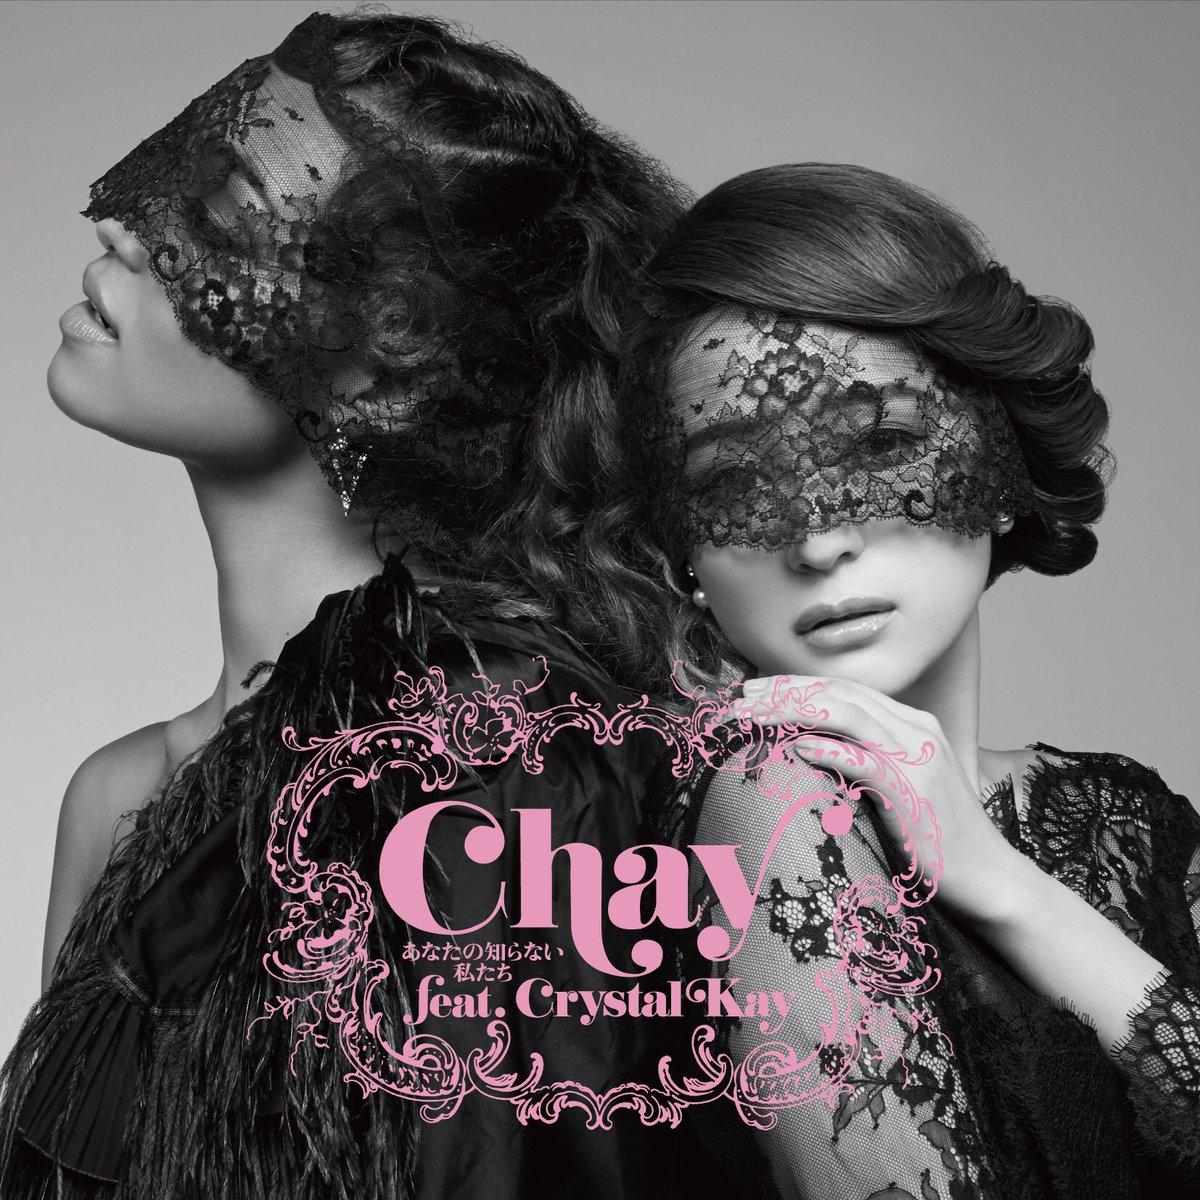 20181205.1410.02 chay - Anata no Shiranai Watashi Tachi (FLAC) cover 2.jpg